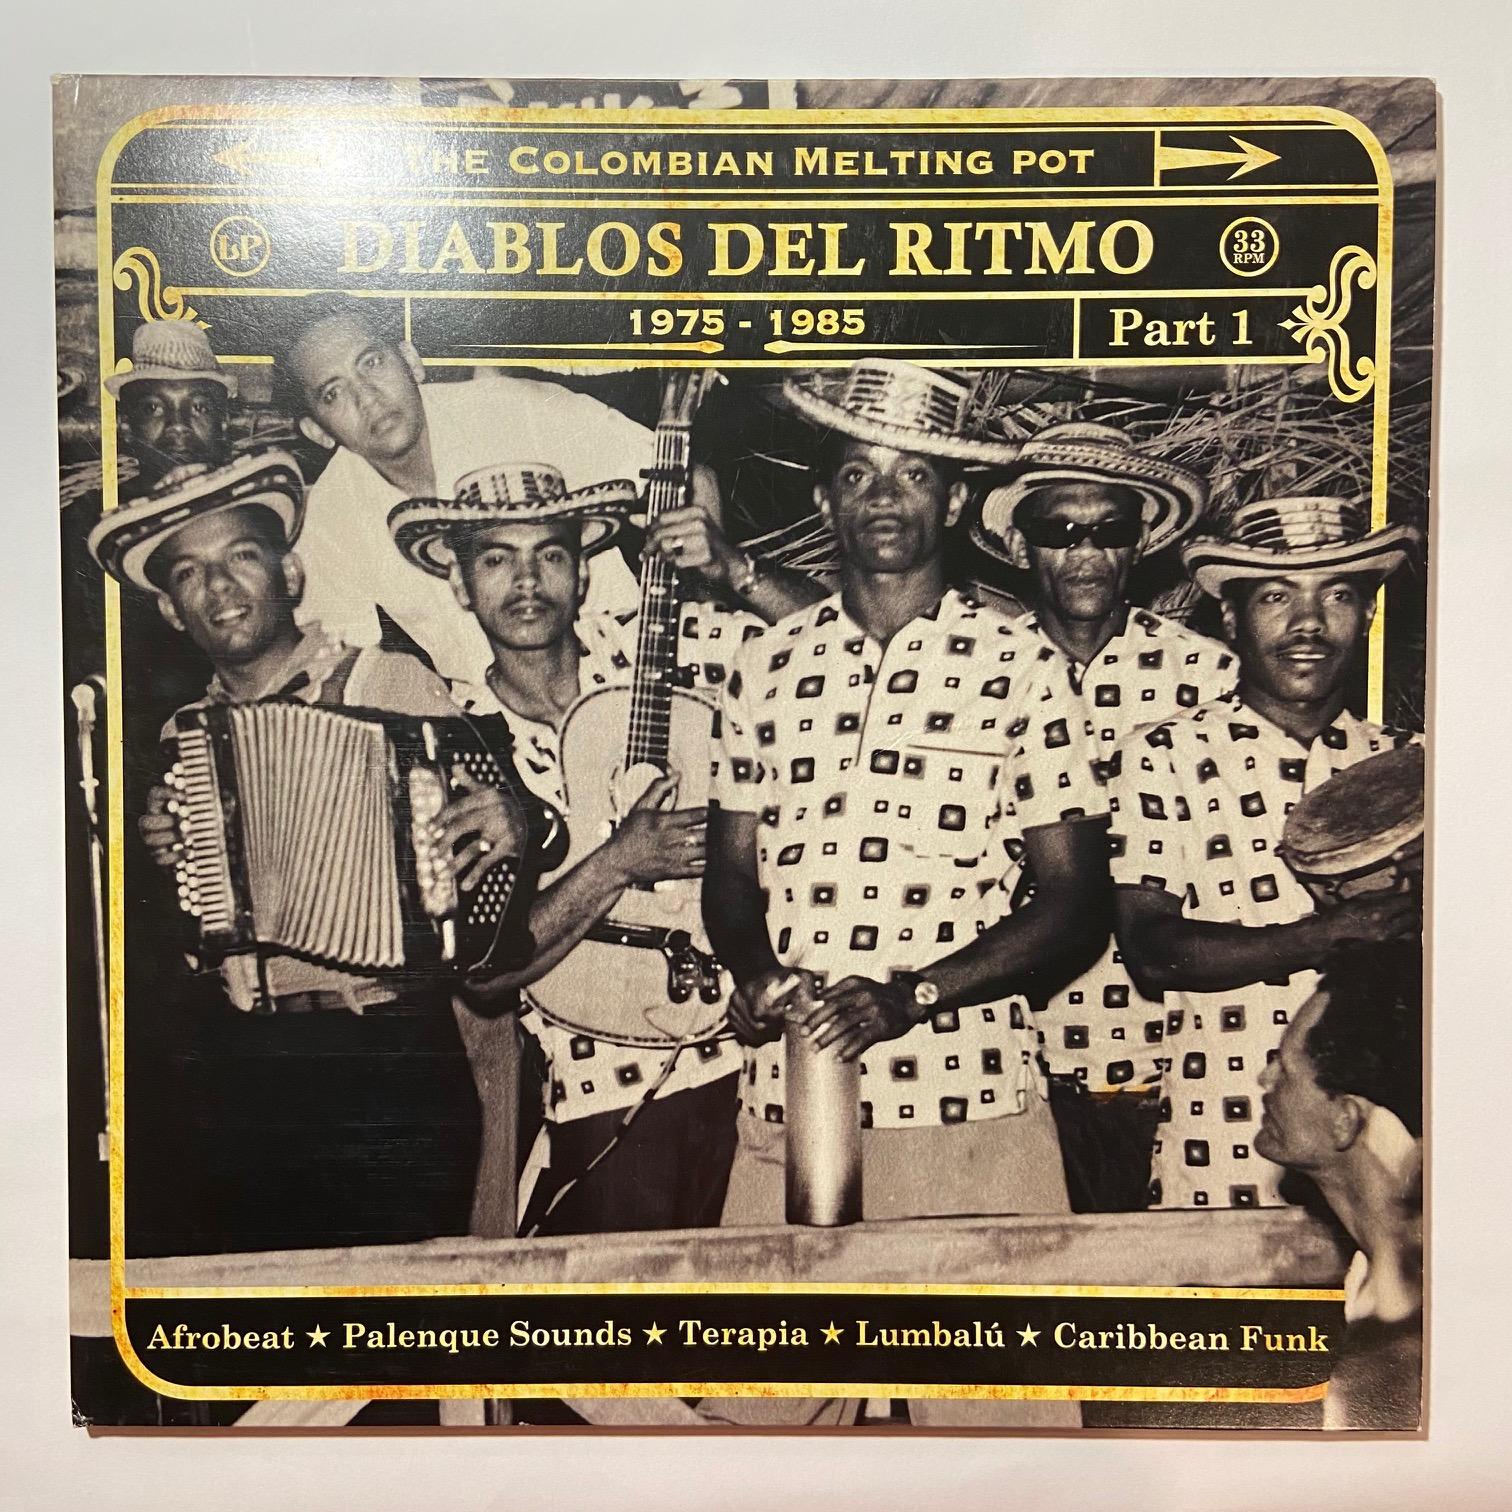 VARIOUS - Diablos Del Ritmo Part 1 - LP x 2